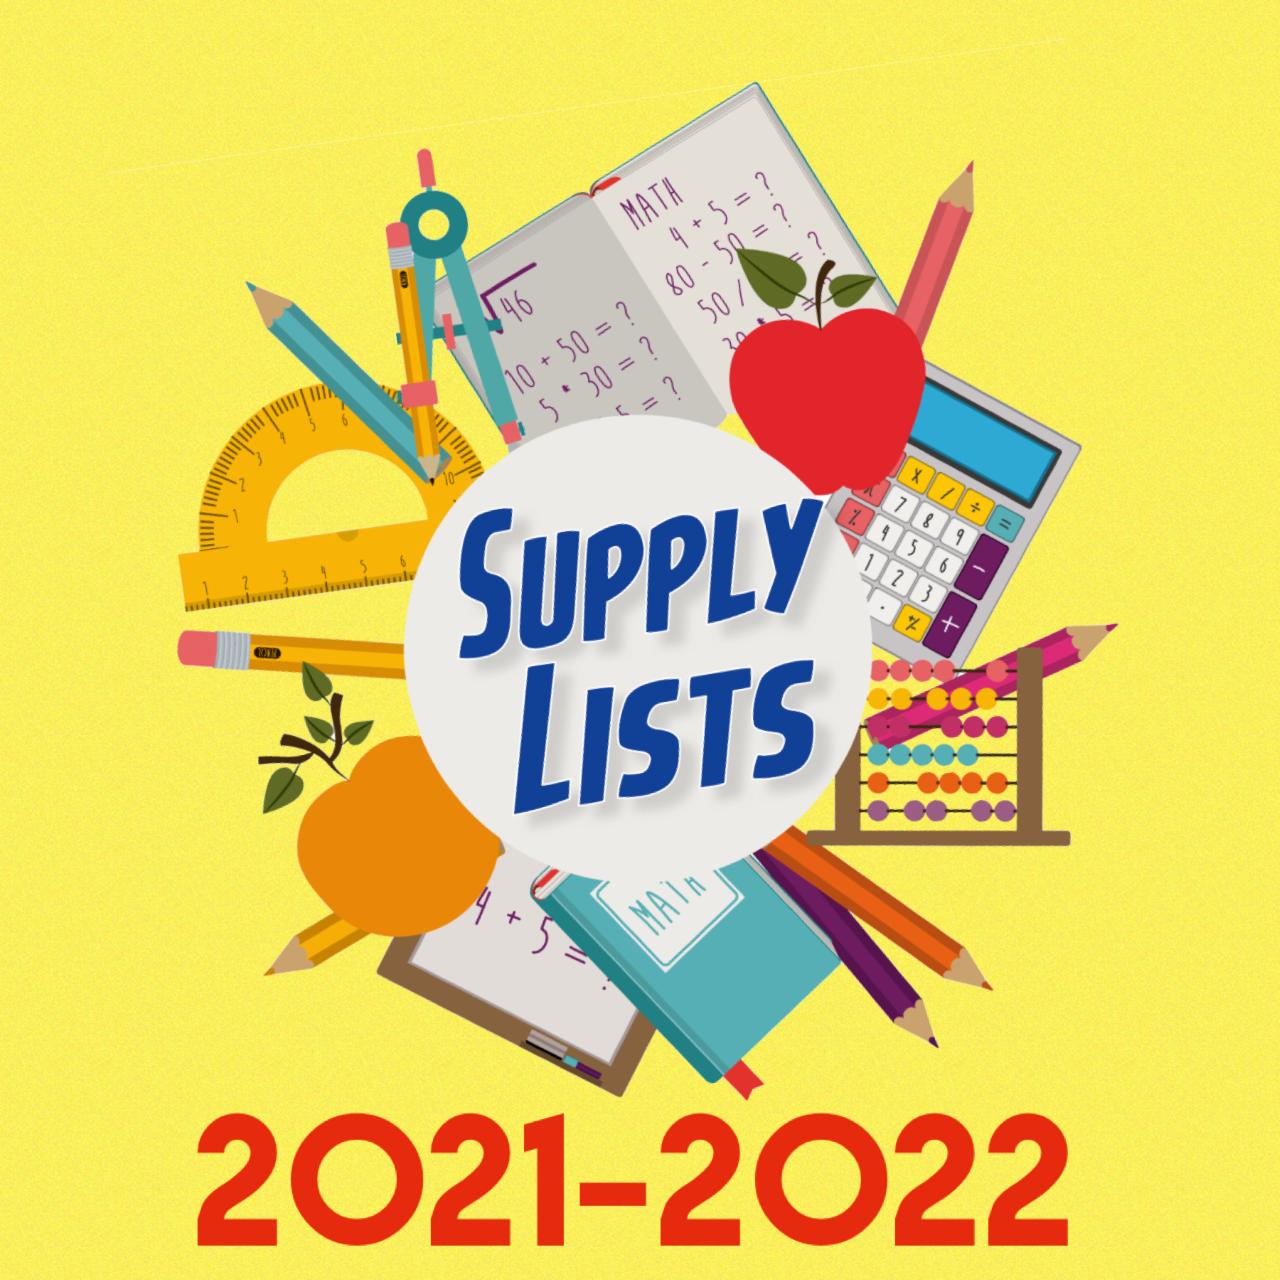 Supply List 2021-2022